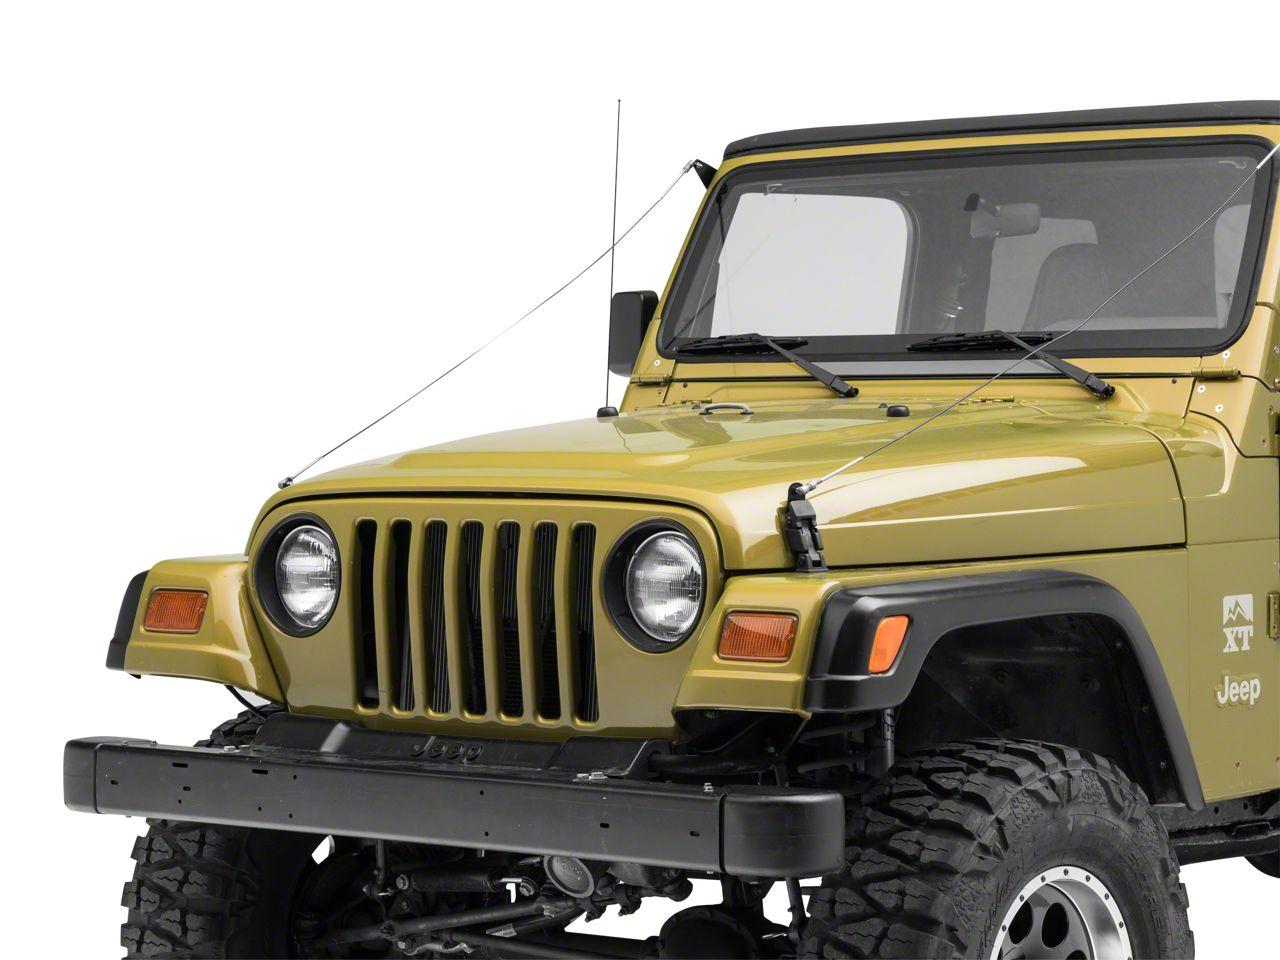 Steinjager Limb Riser Kit (97-06 Jeep Wrangler TJ)